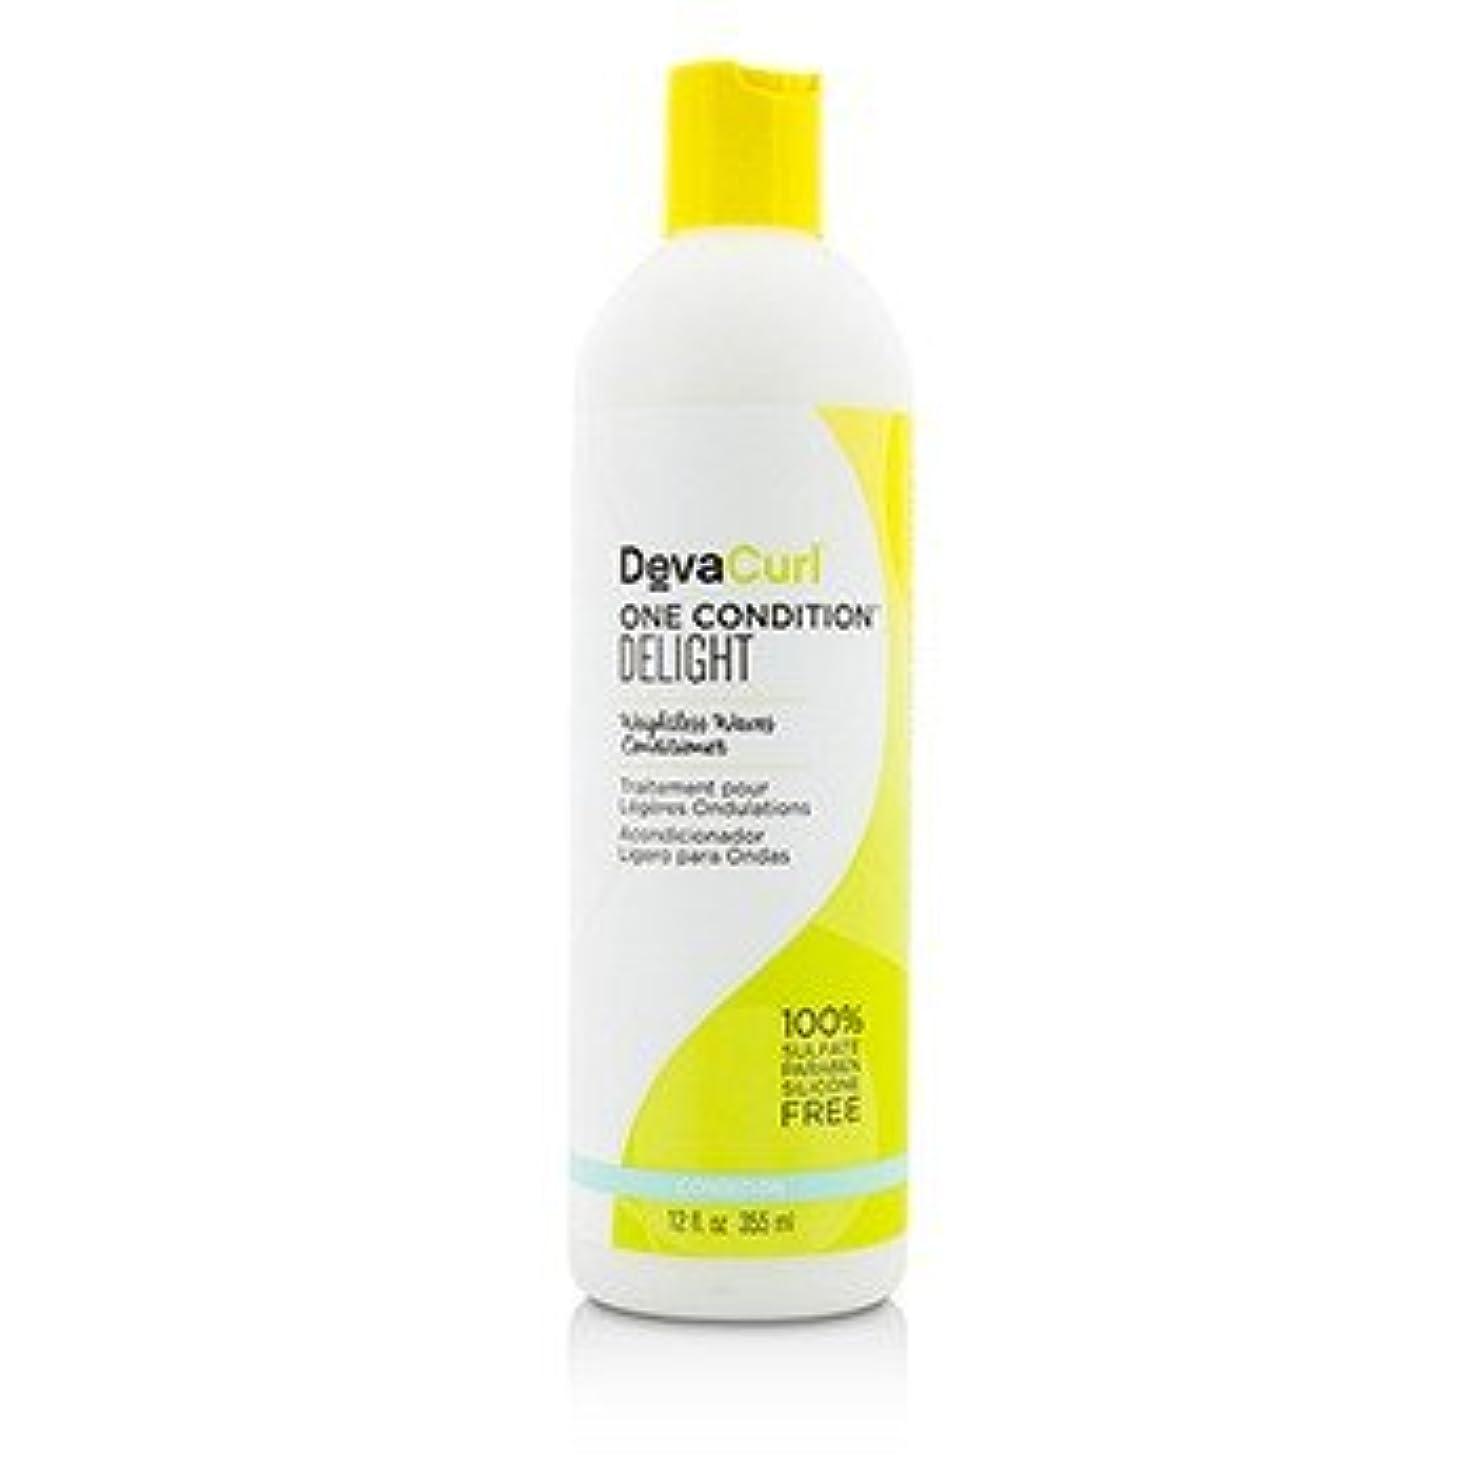 受け継ぐ克服する賞賛[DevaCurl] One Condition Delight (Weightless Waves Conditioner - For Wavy Hair) 355ml/12oz